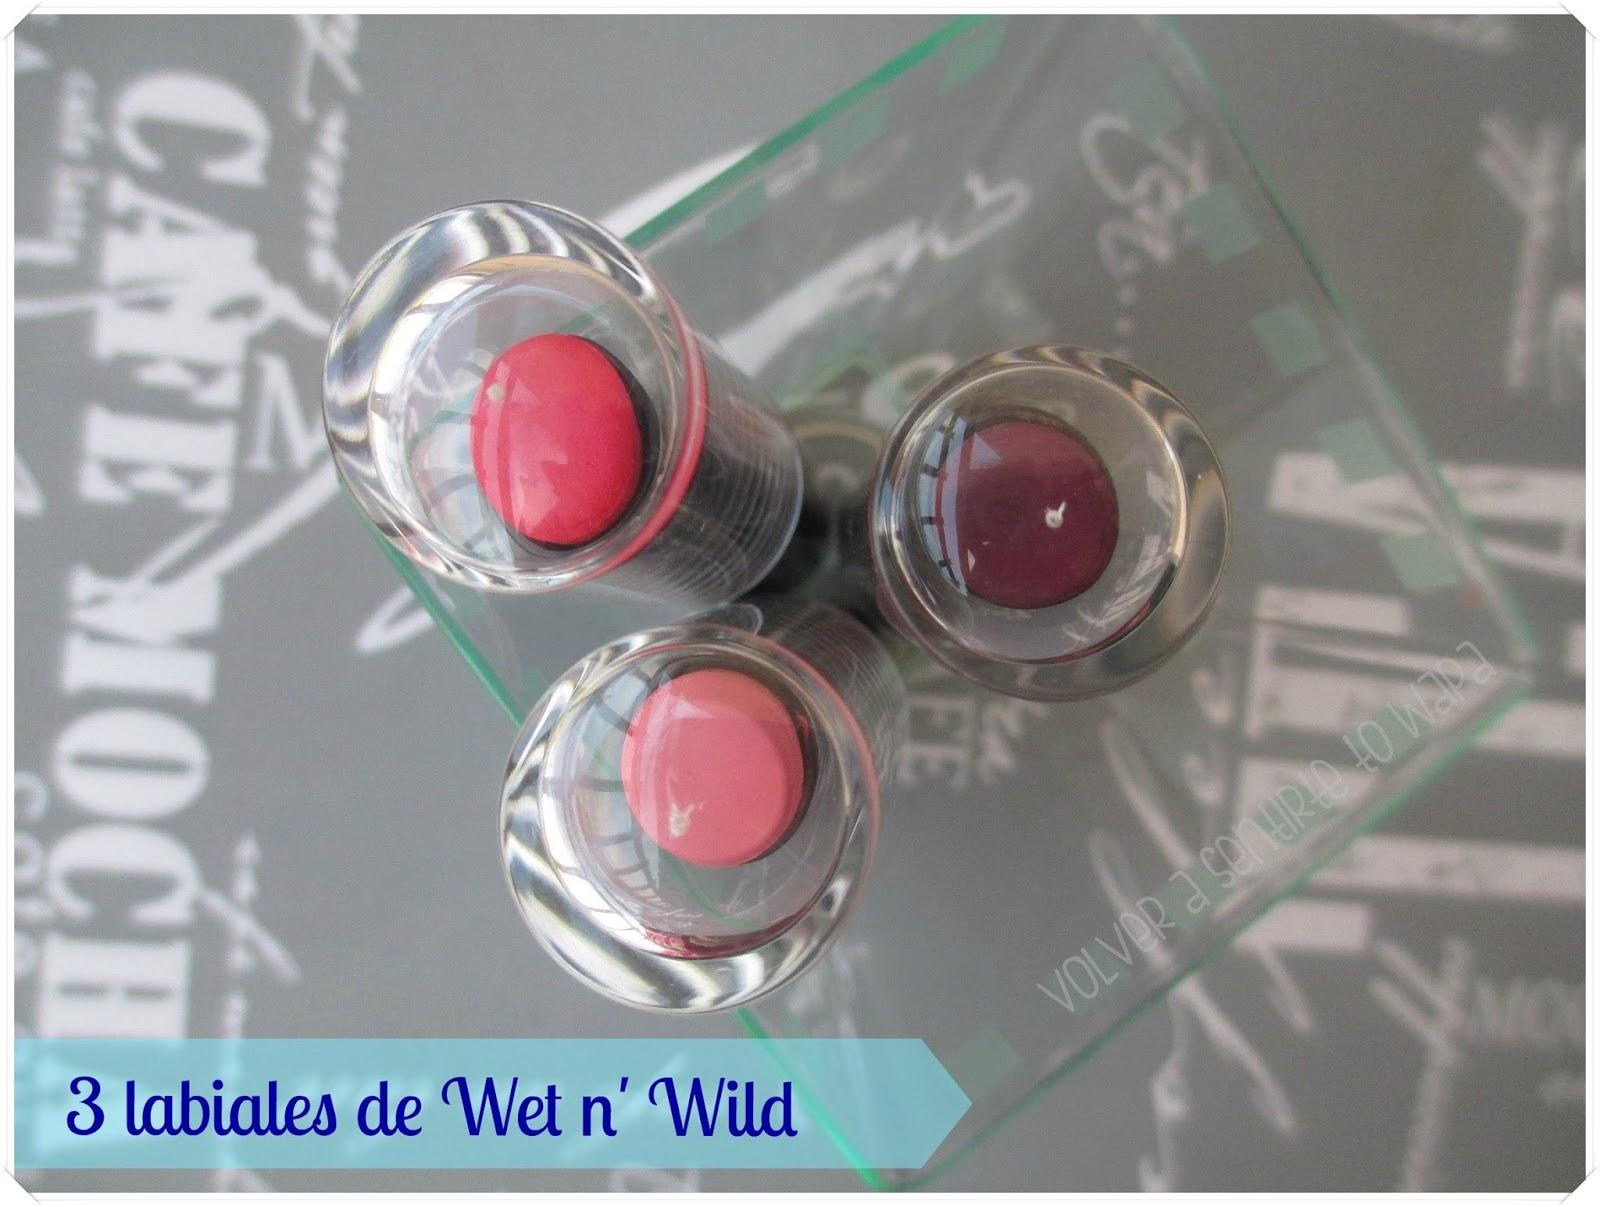 Labiales MegaLast Lip Color de Wet n' Wild